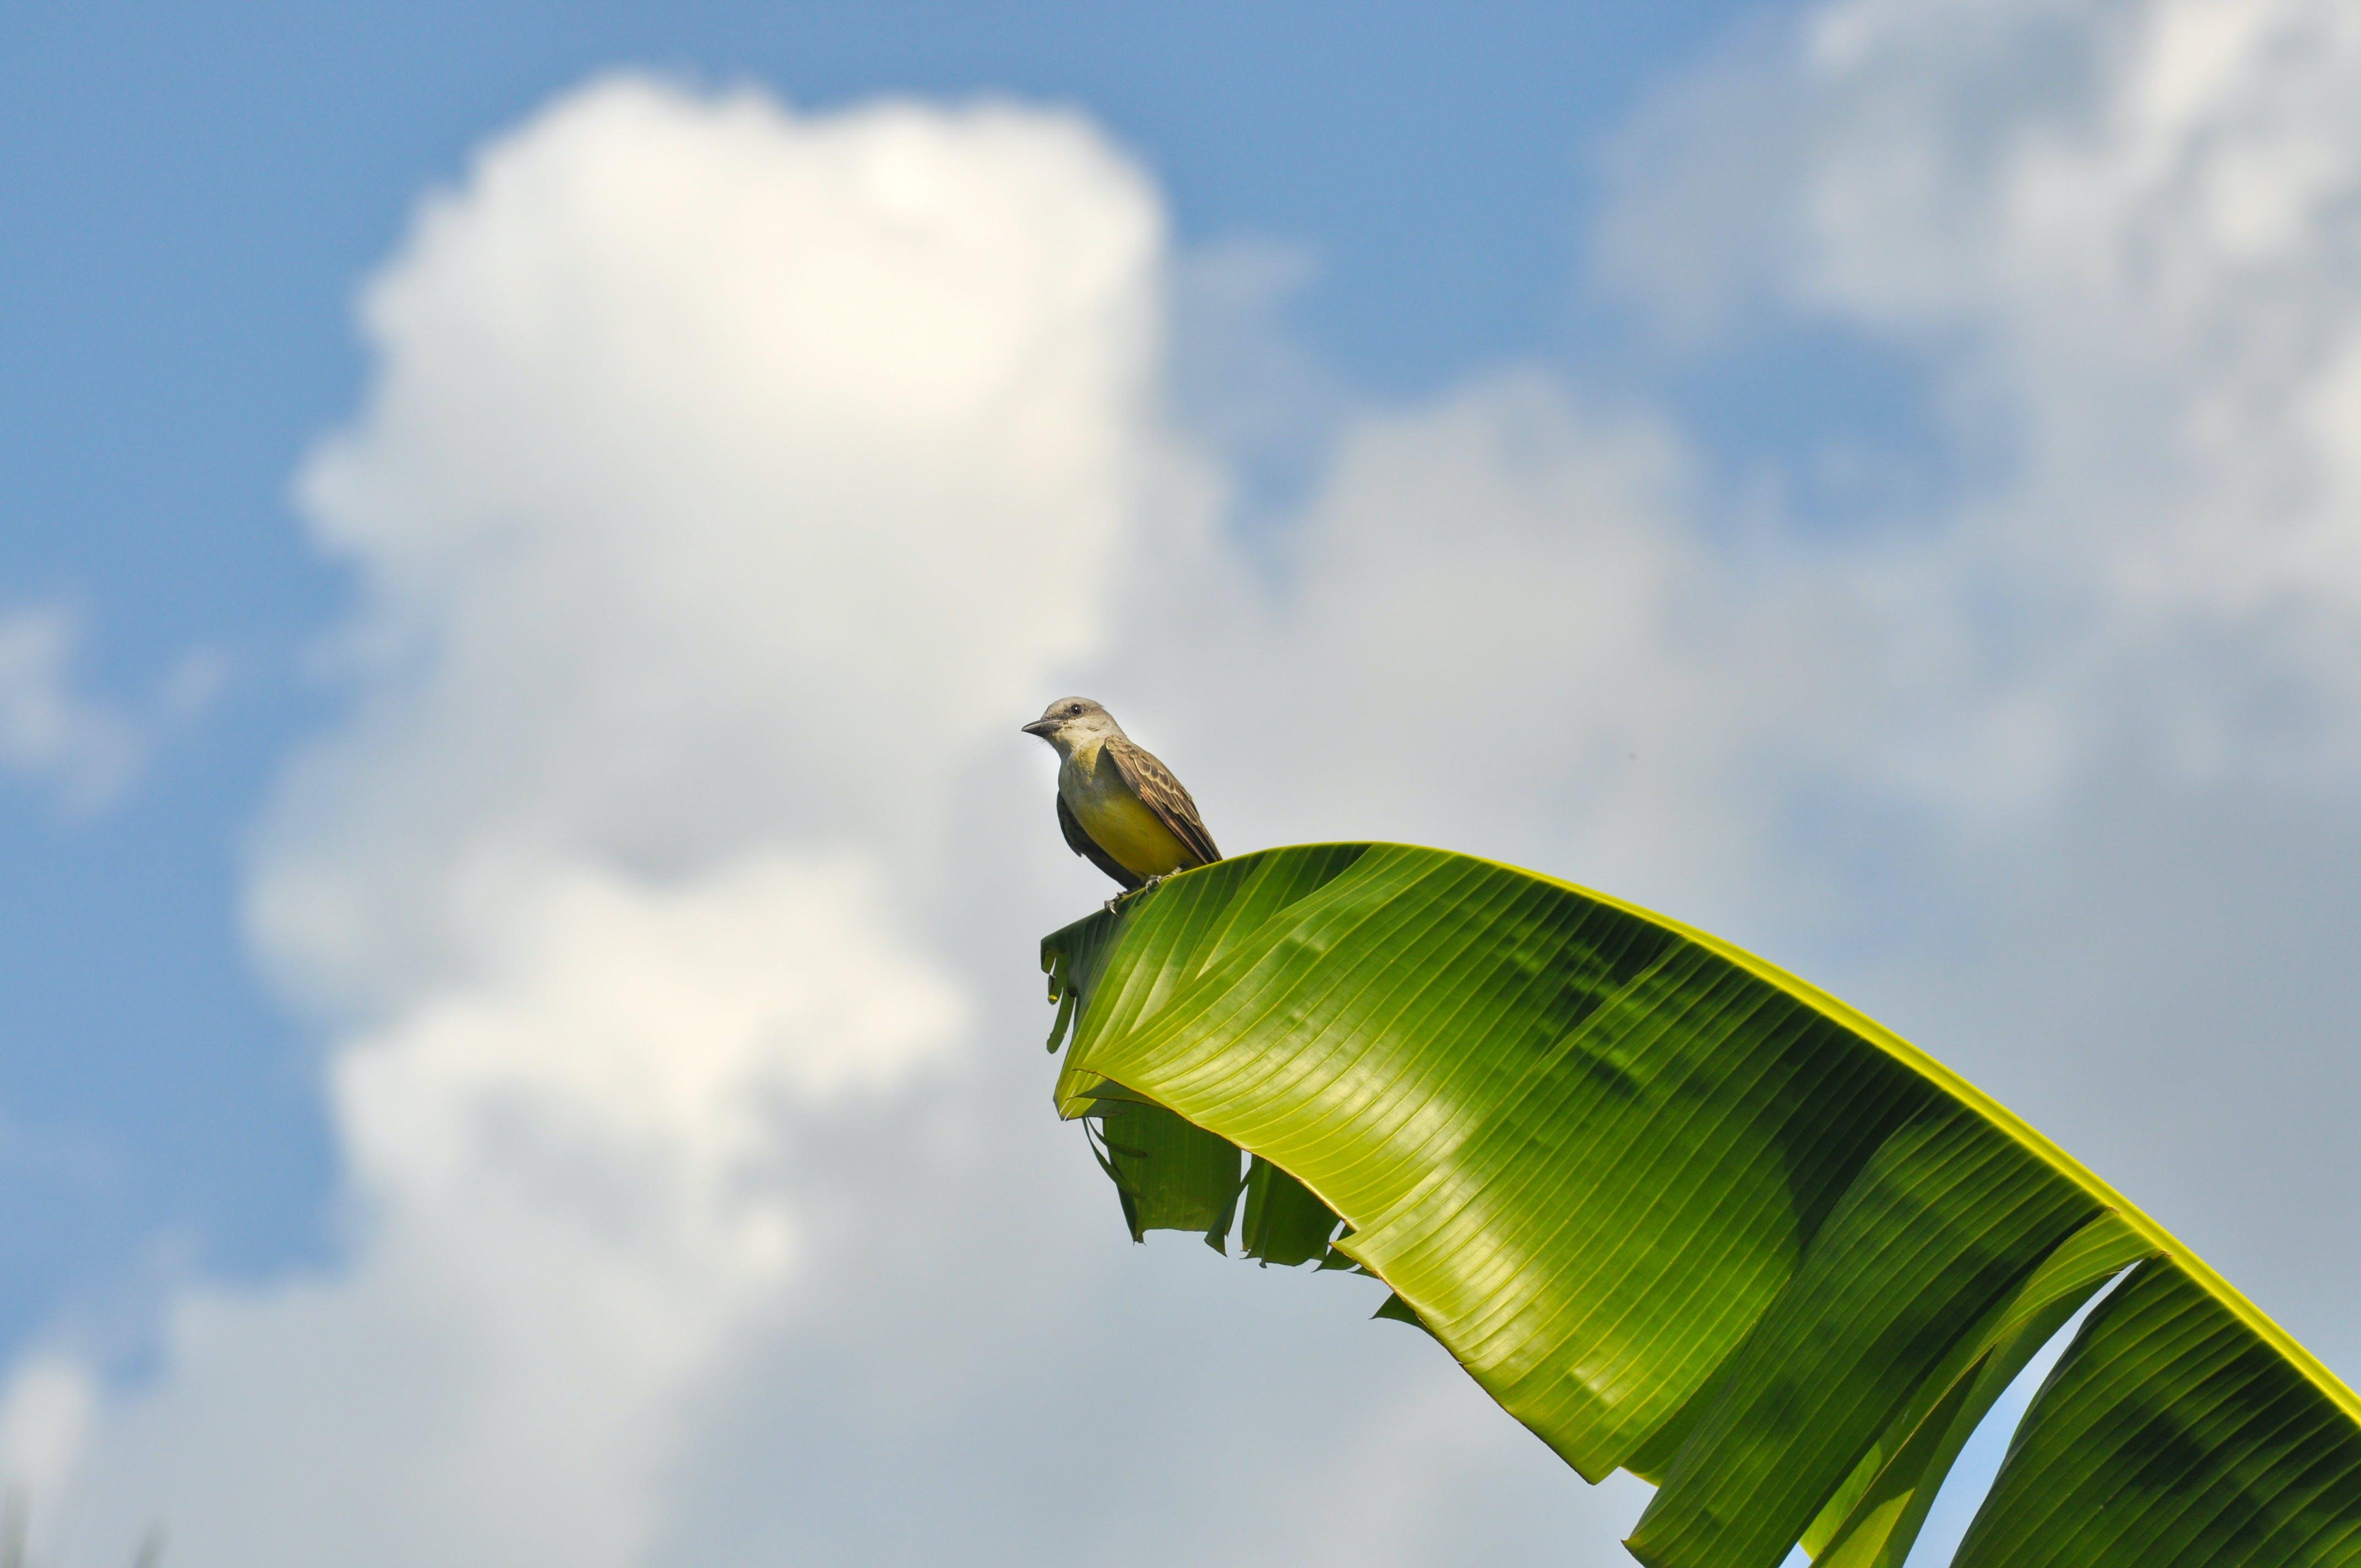 Gratis lagerfoto af bananblad, blå himmel, dyr, lille